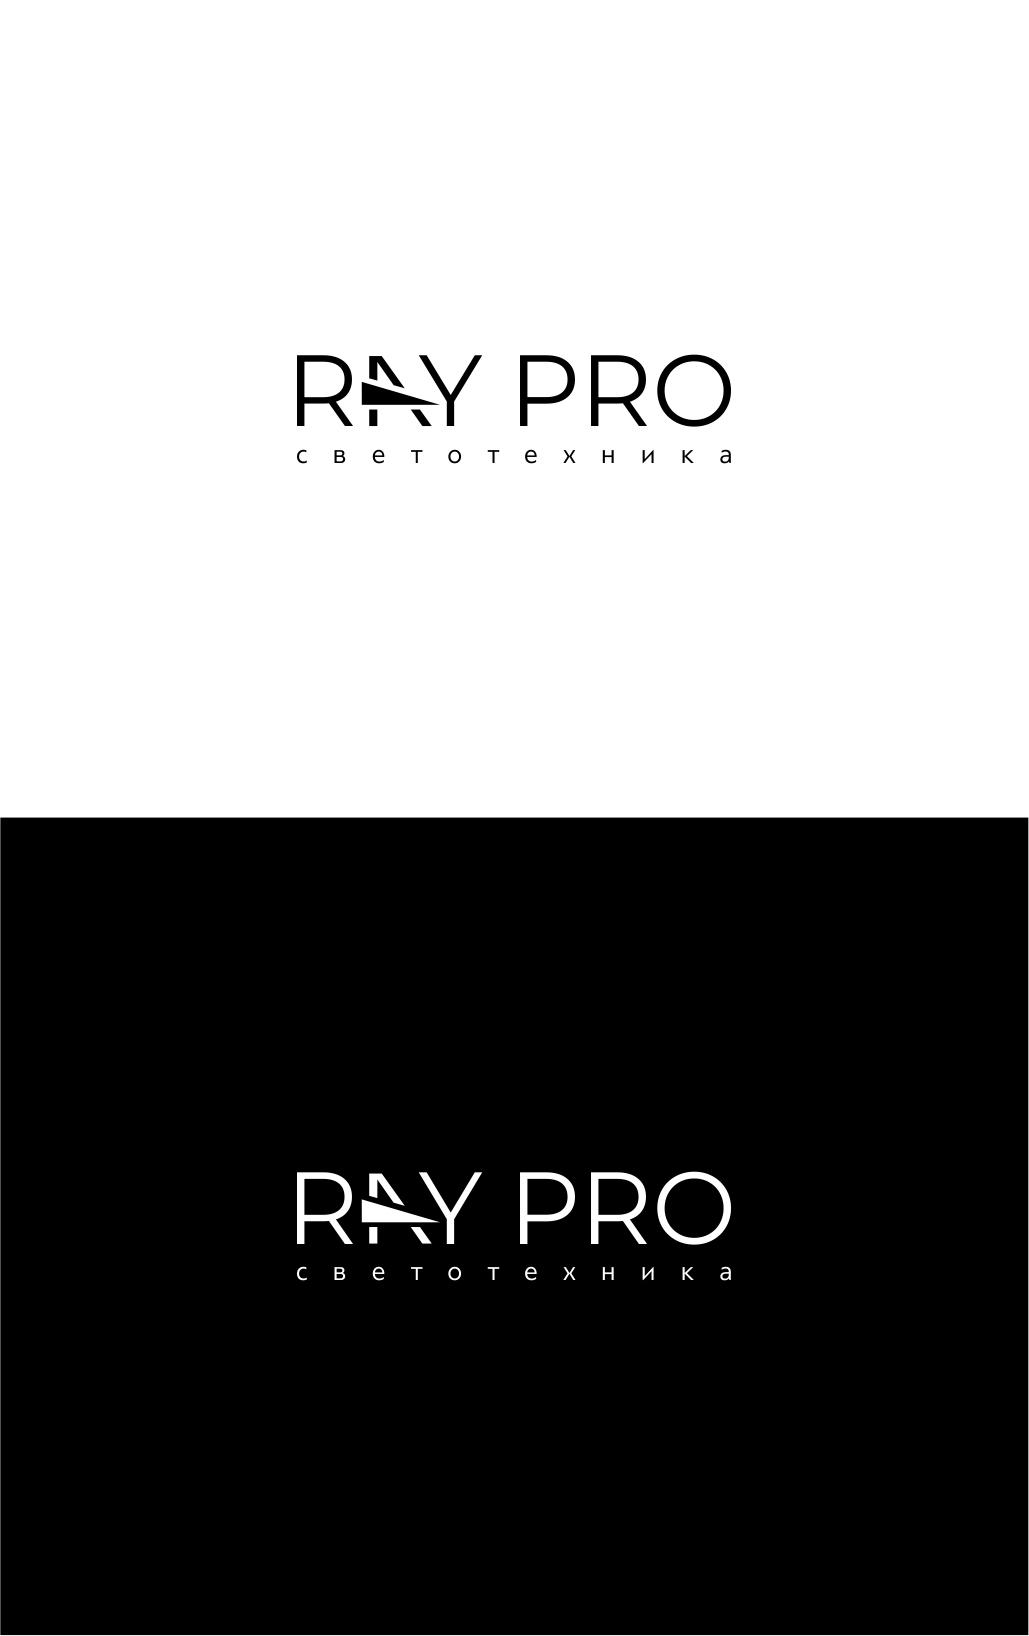 Разработка логотипа (продукт - светодиодная лента) фото f_6085bc2a823ed703.jpg